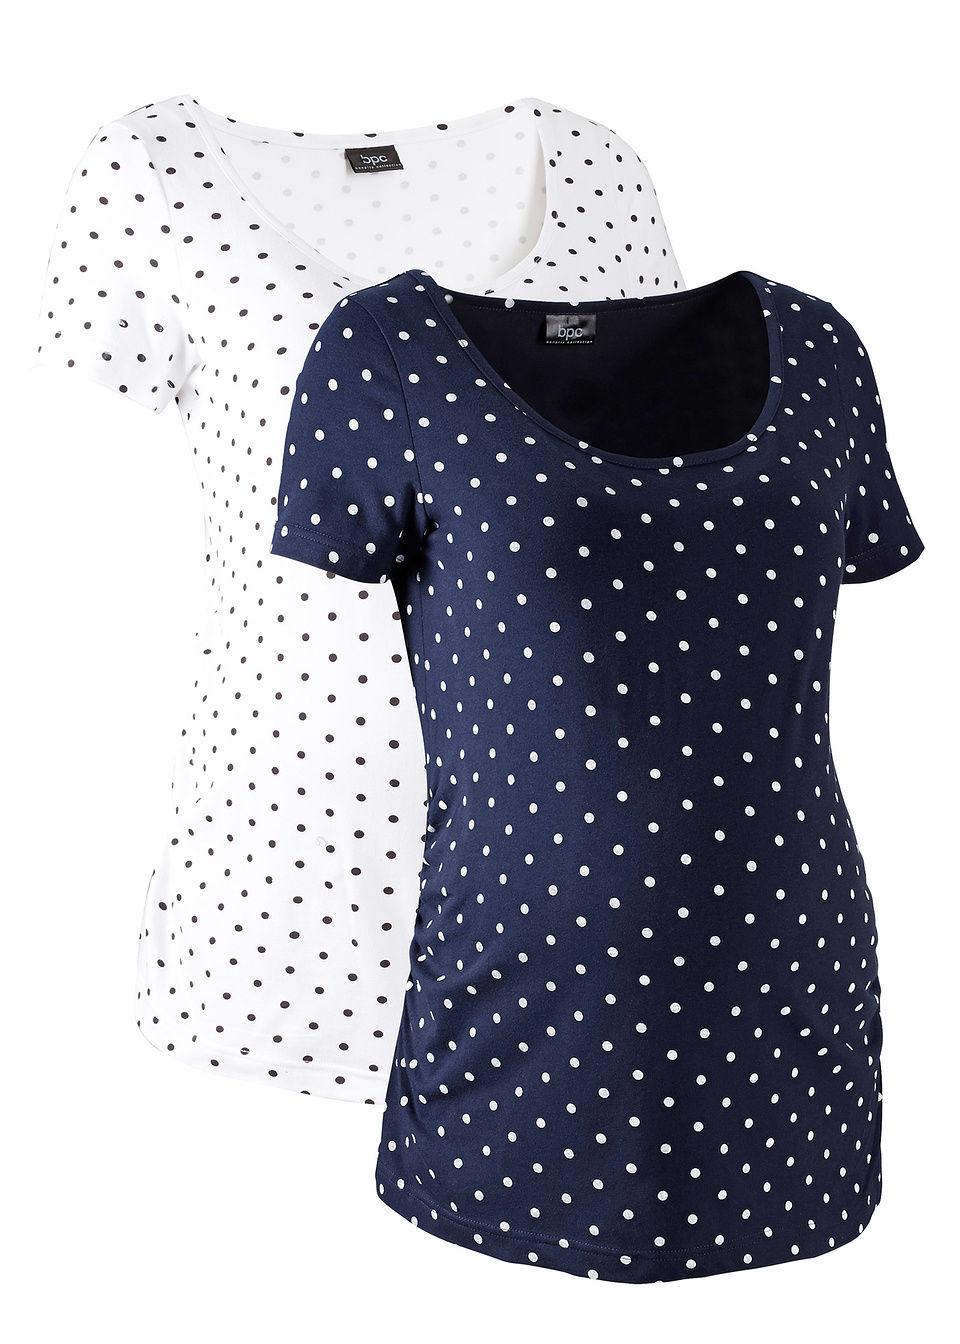 Для будущих мам из органического хлопка: футболка с рукавом 1/2 (2 шт.)